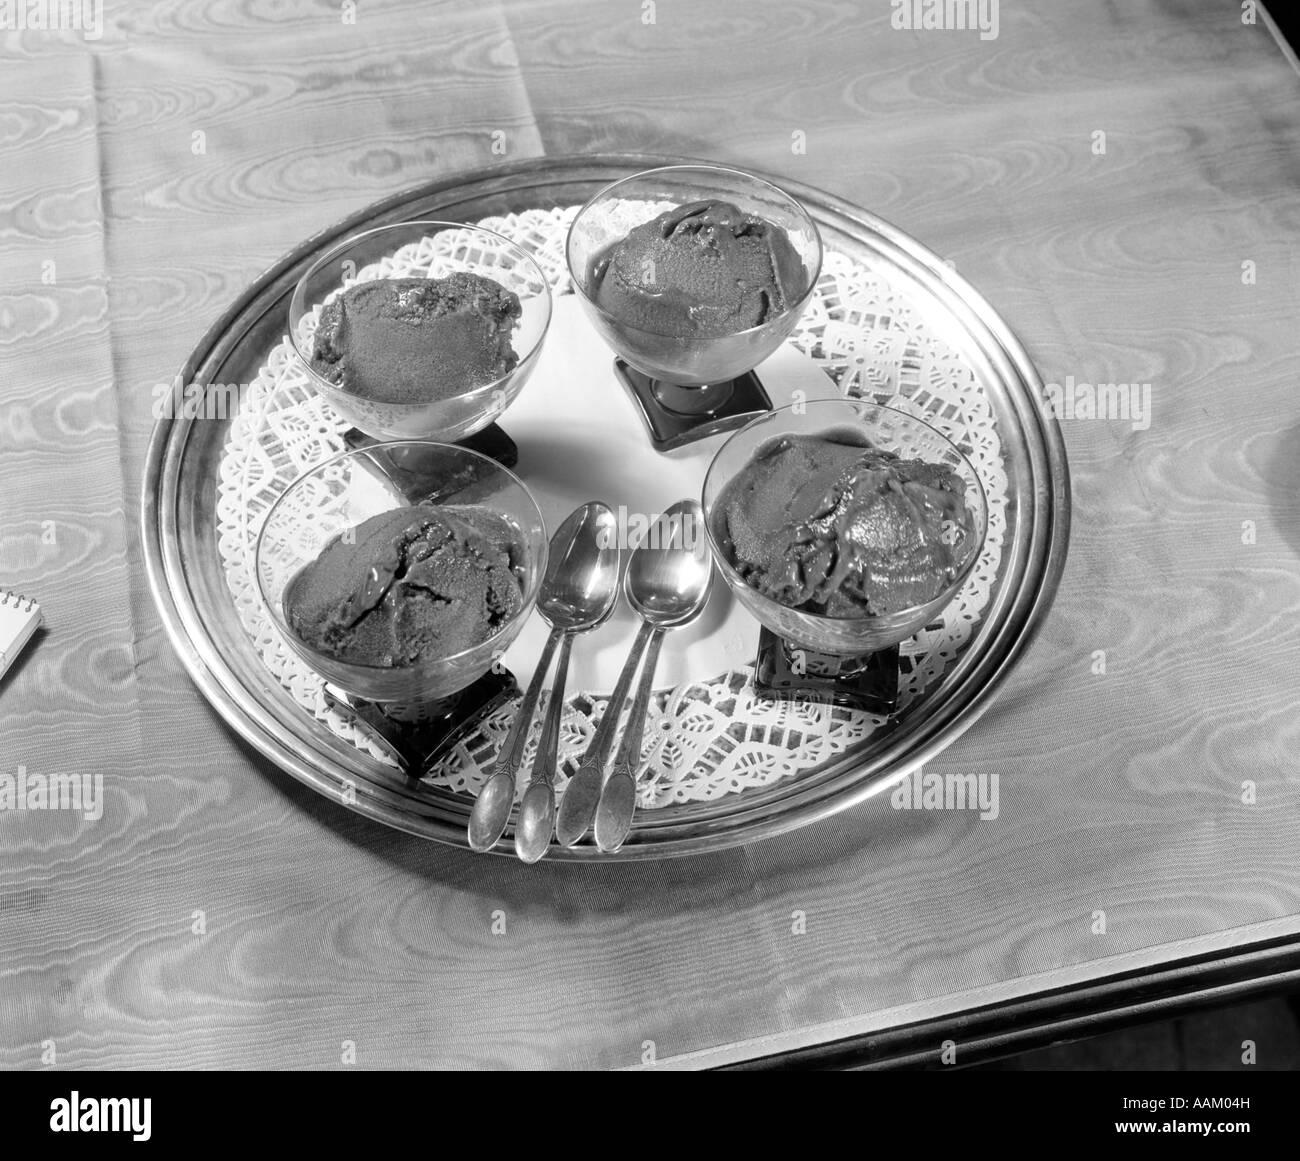 ICE CREAM DISH SPOONS - Stock Image